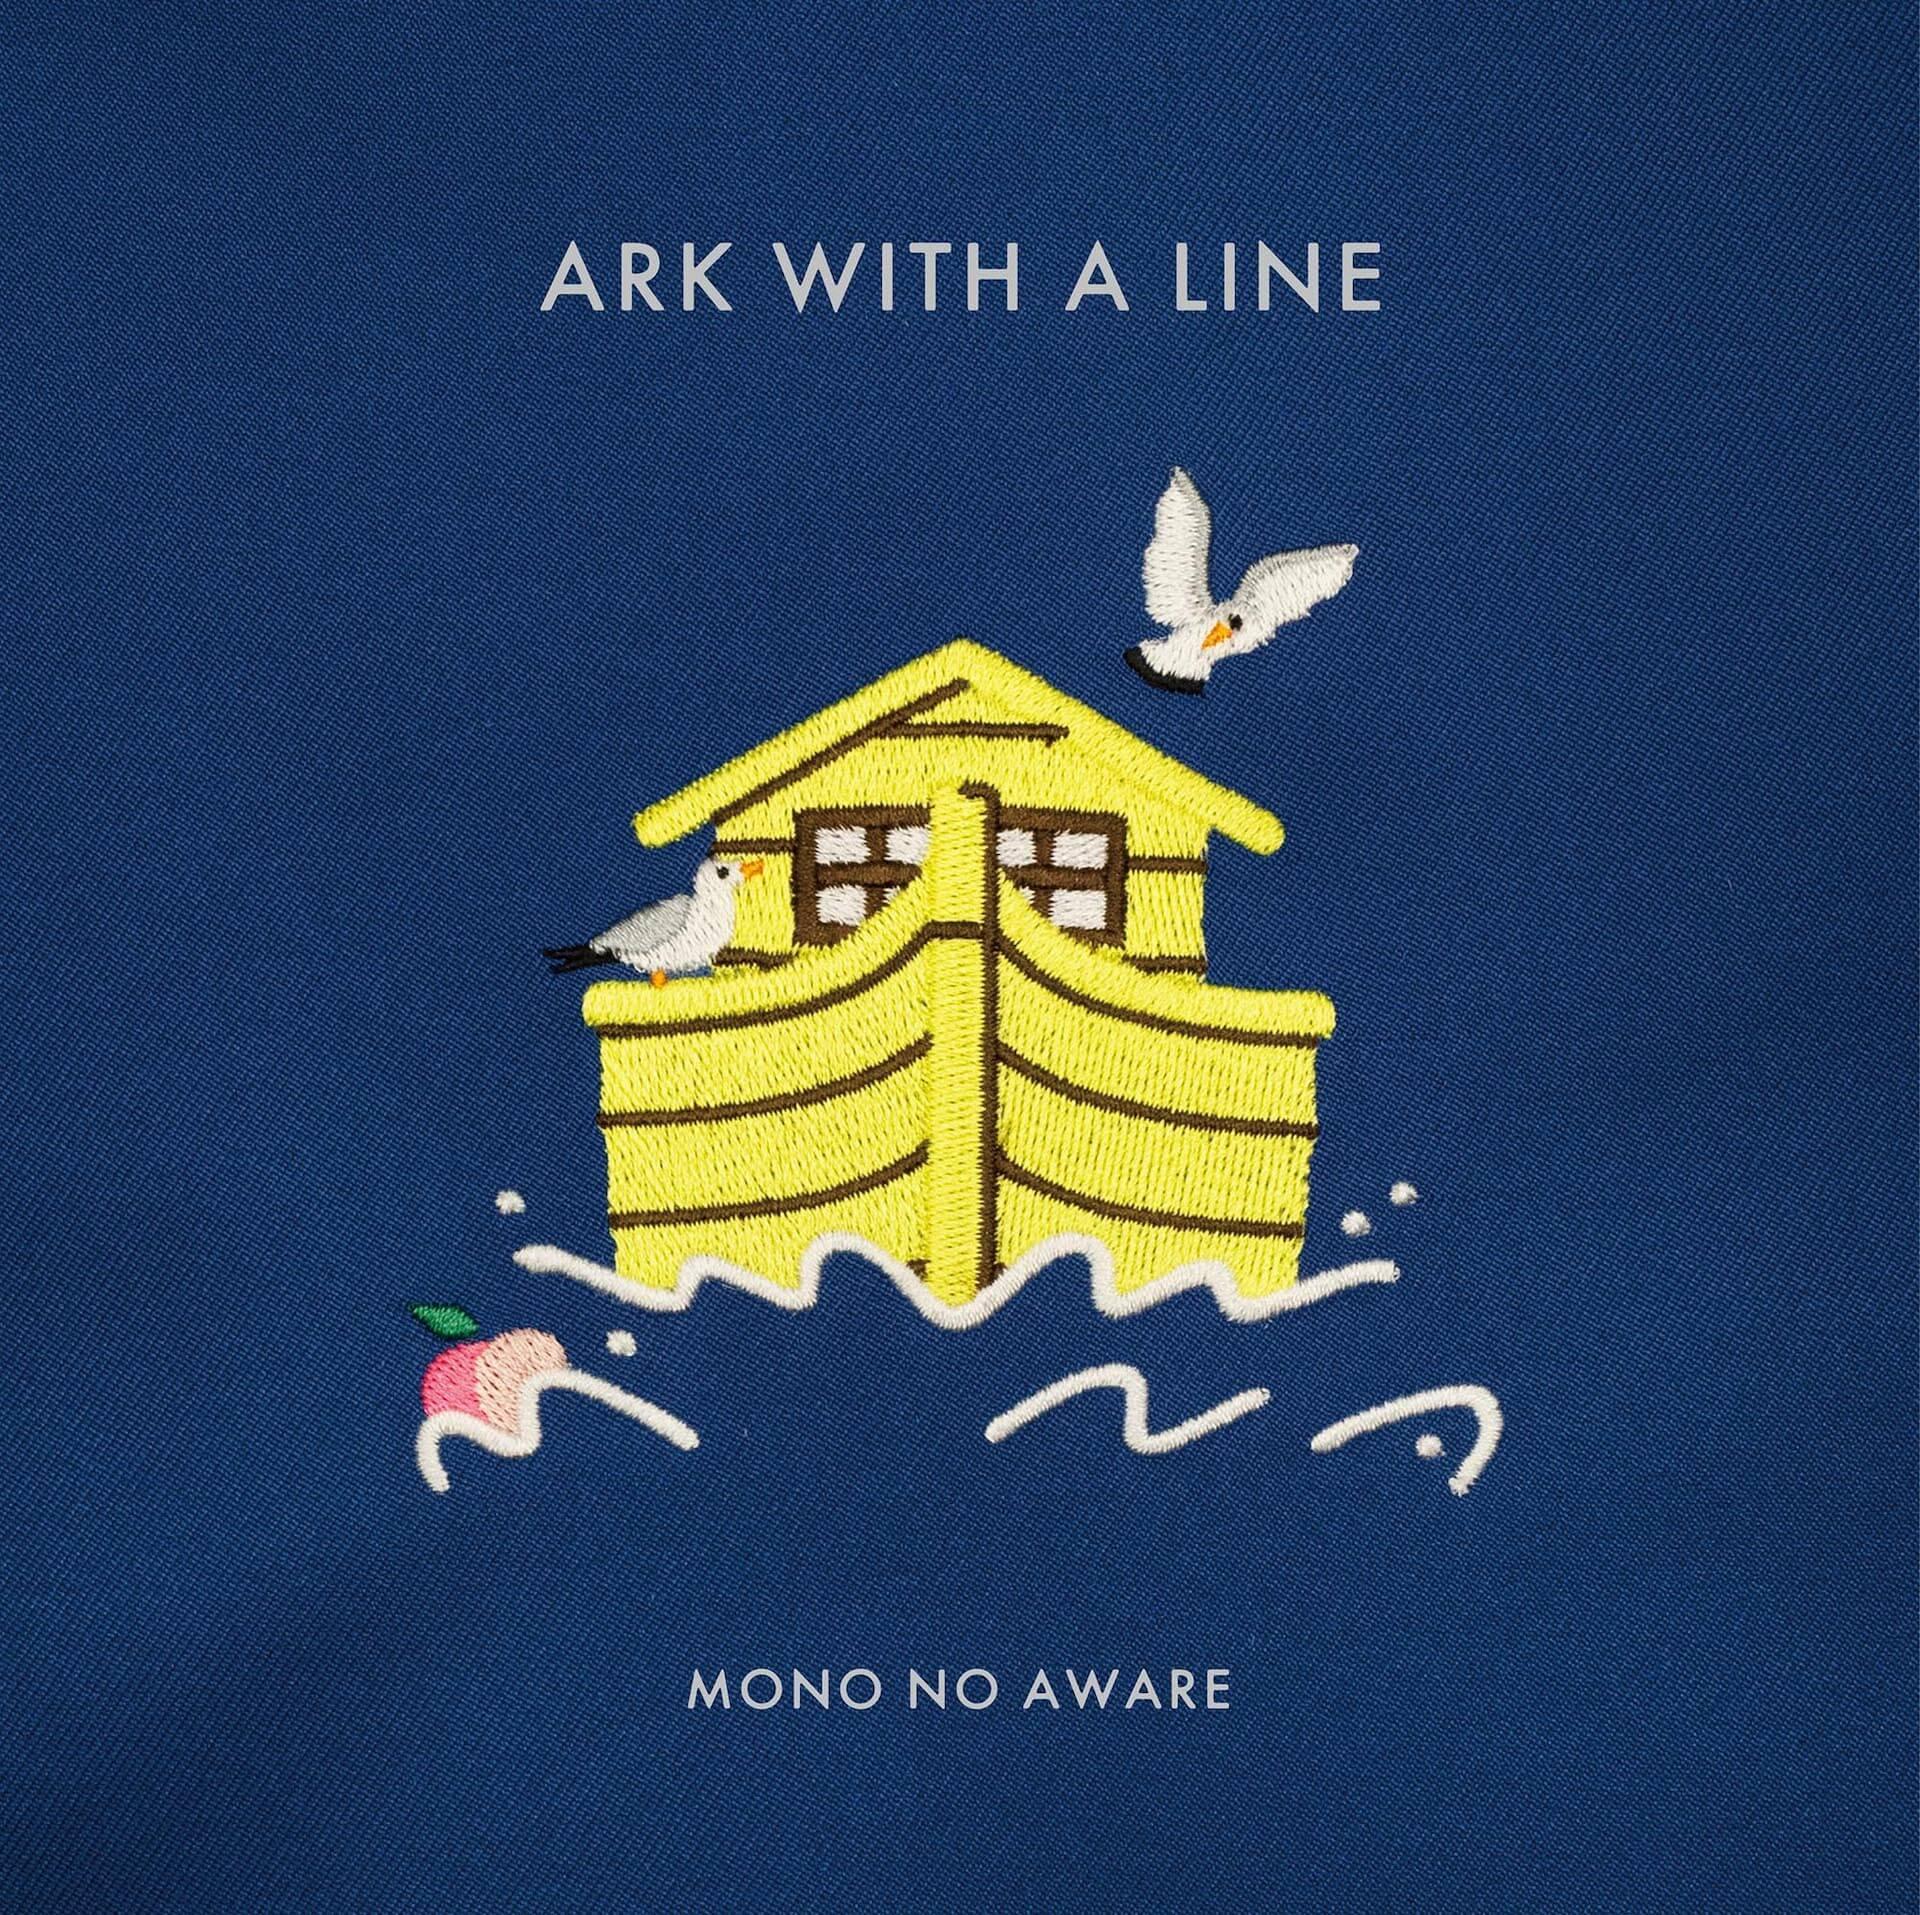 MONO NO AWAREのニューアルバム『行列のできる方舟』のアートワーク&詳細が発表!特典DVDのティザー映像も解禁 music210419_mononoaware_2